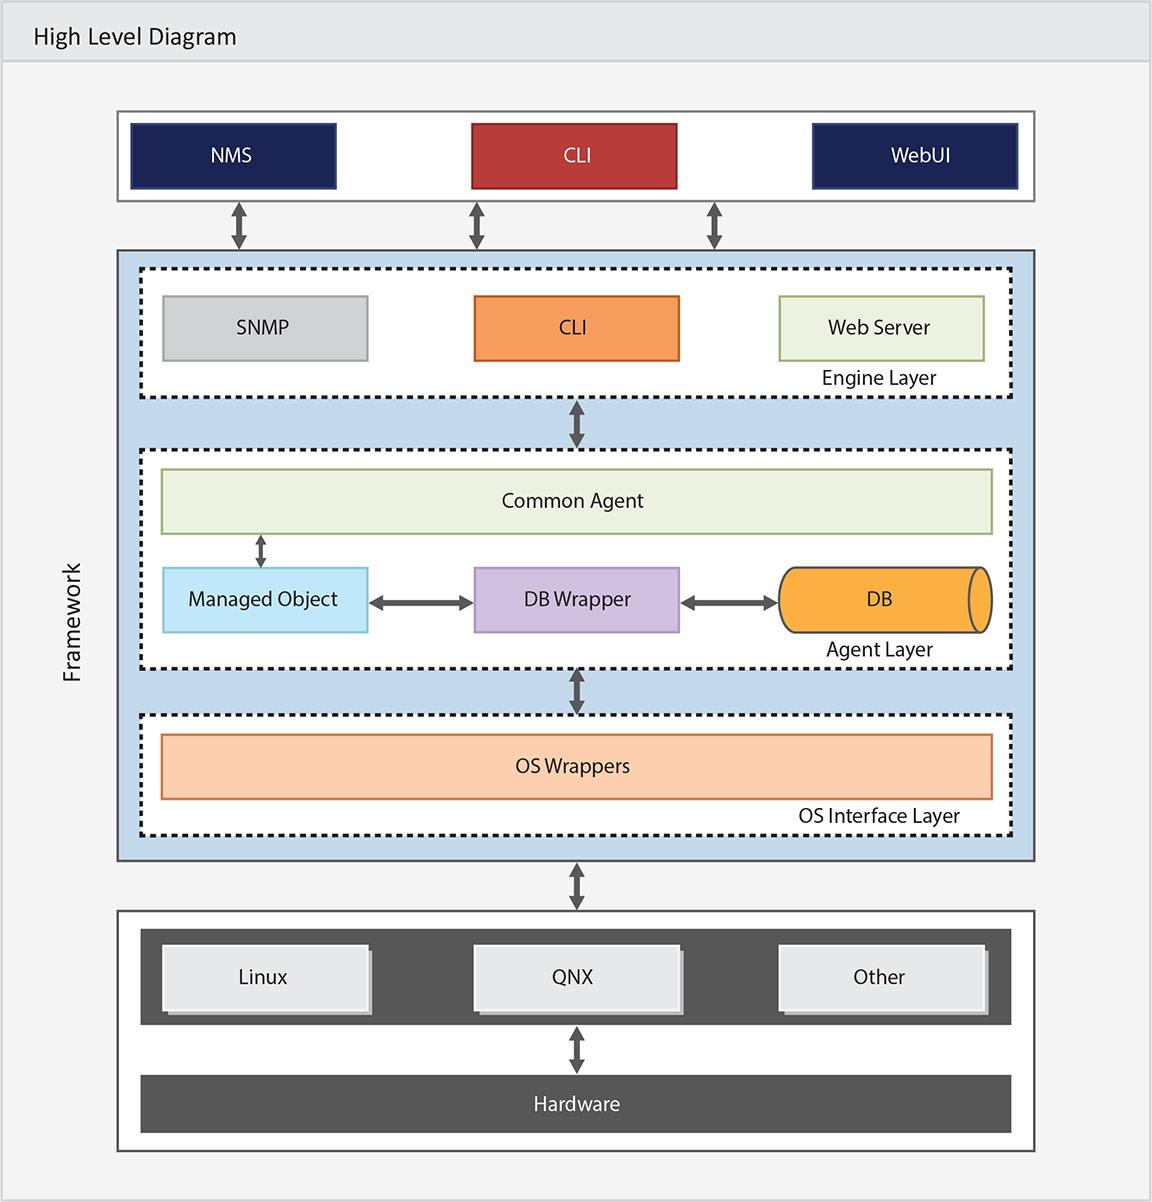 Avishkar Device Management Framework - High Level Diagram